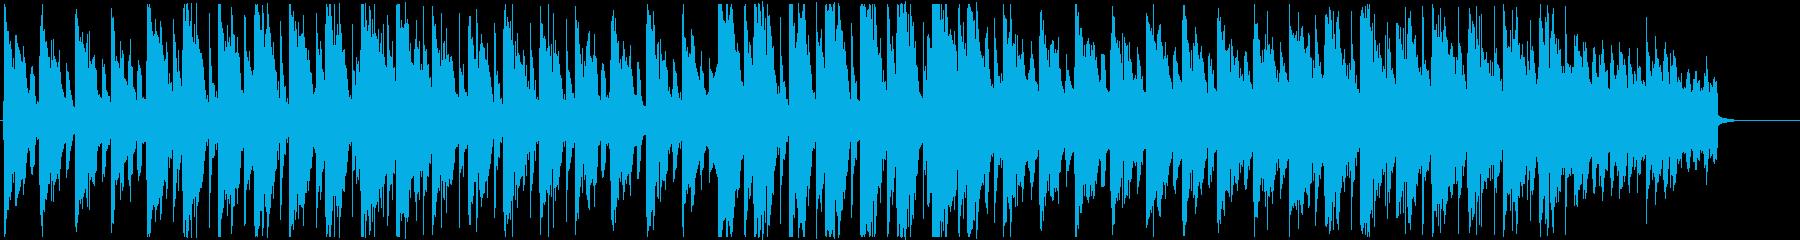 おしゃれで雰囲気のあるハウス風BGMの再生済みの波形